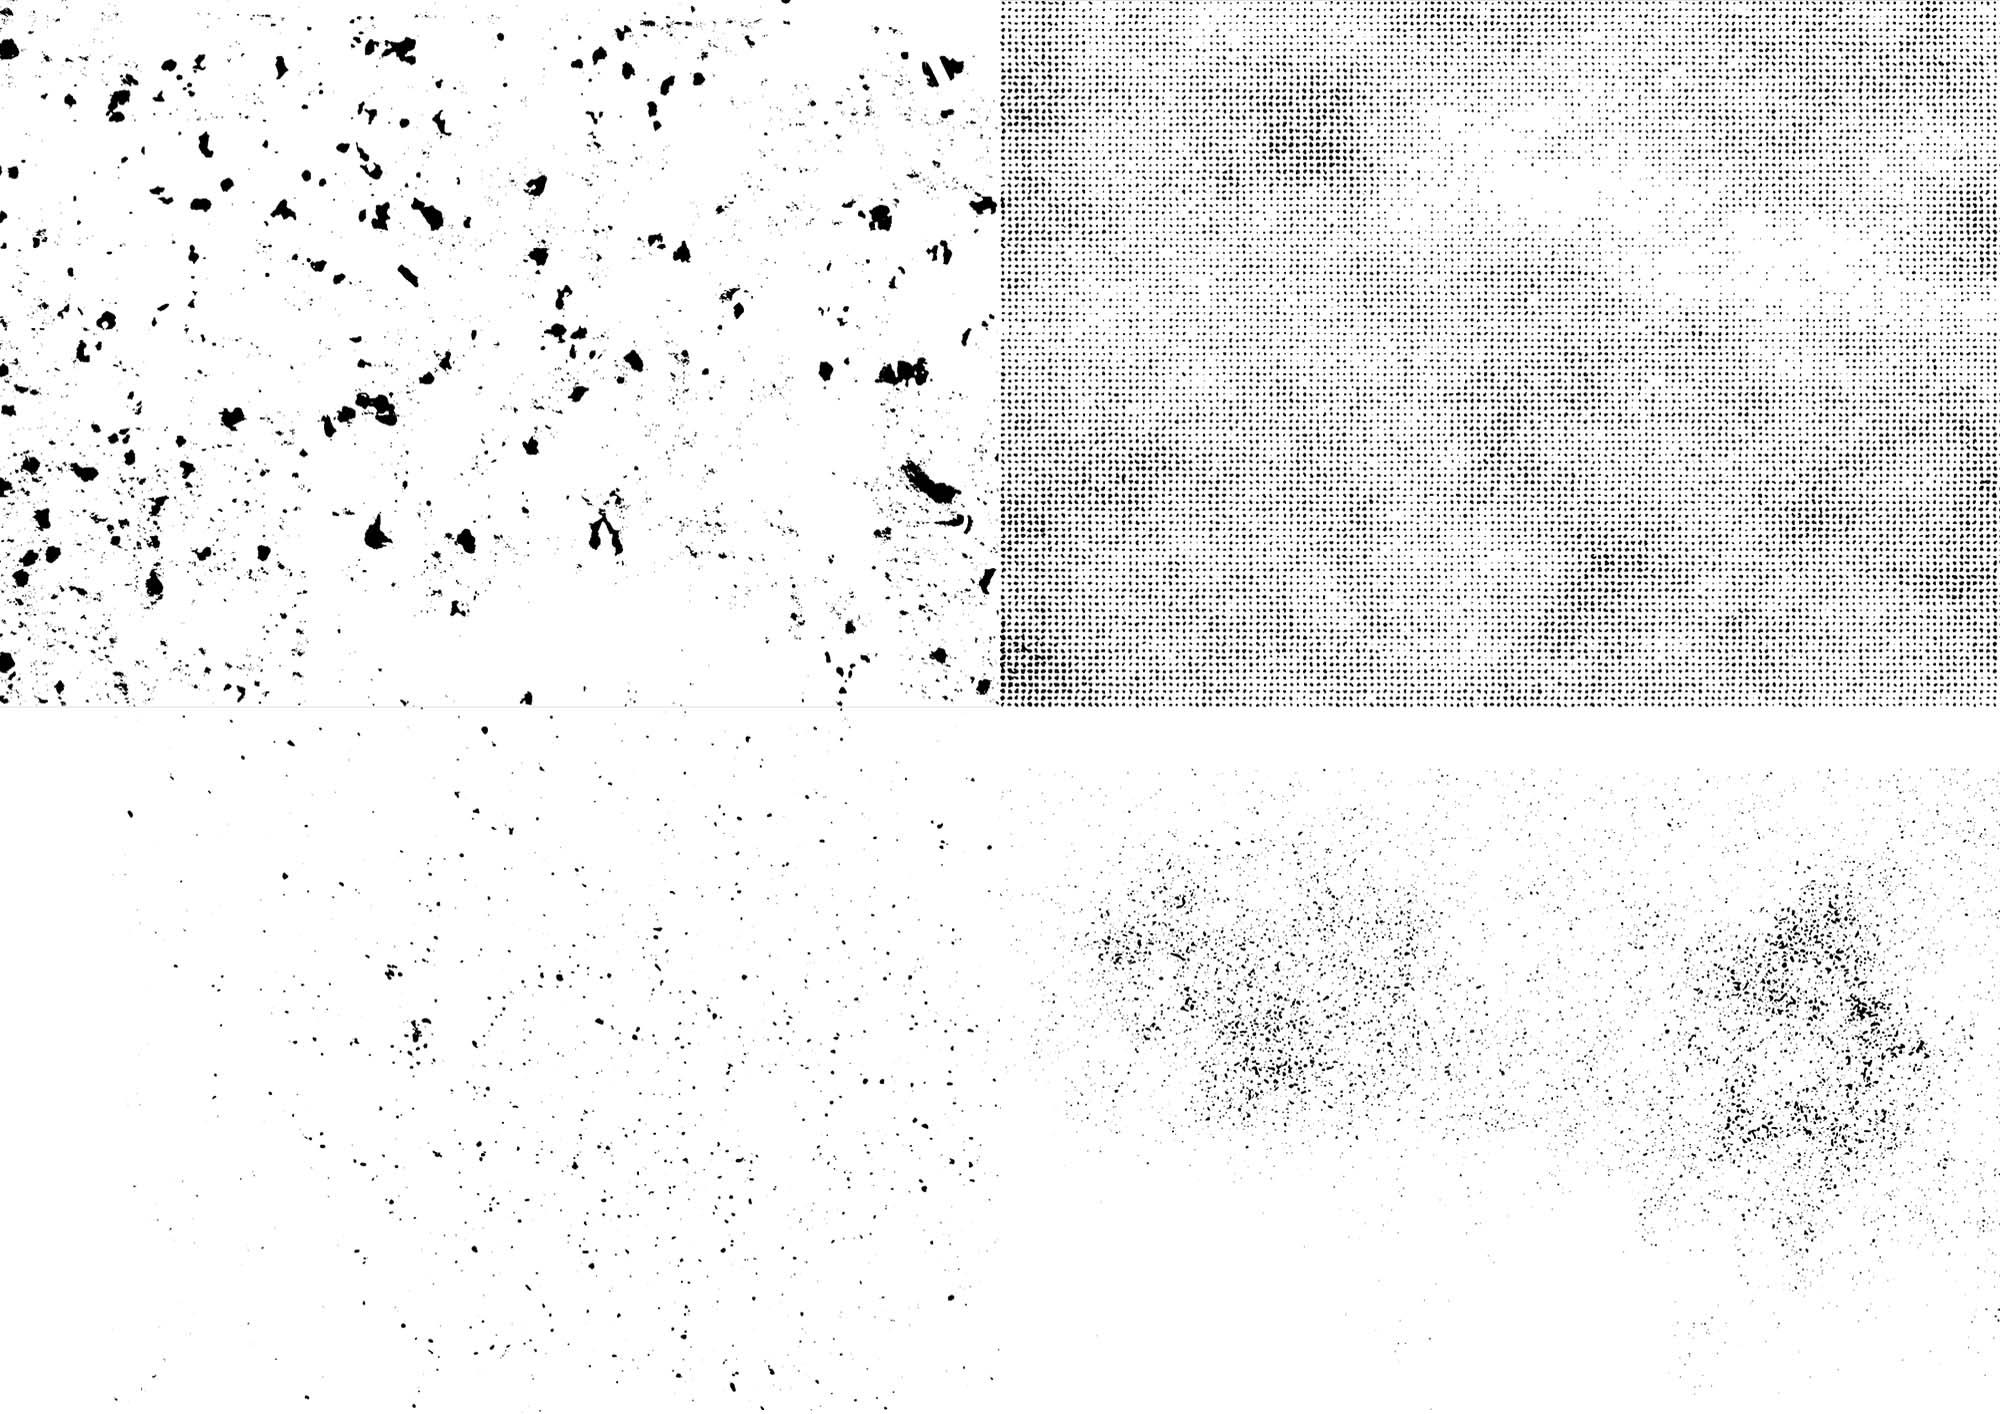 Grunge Textures 4-1